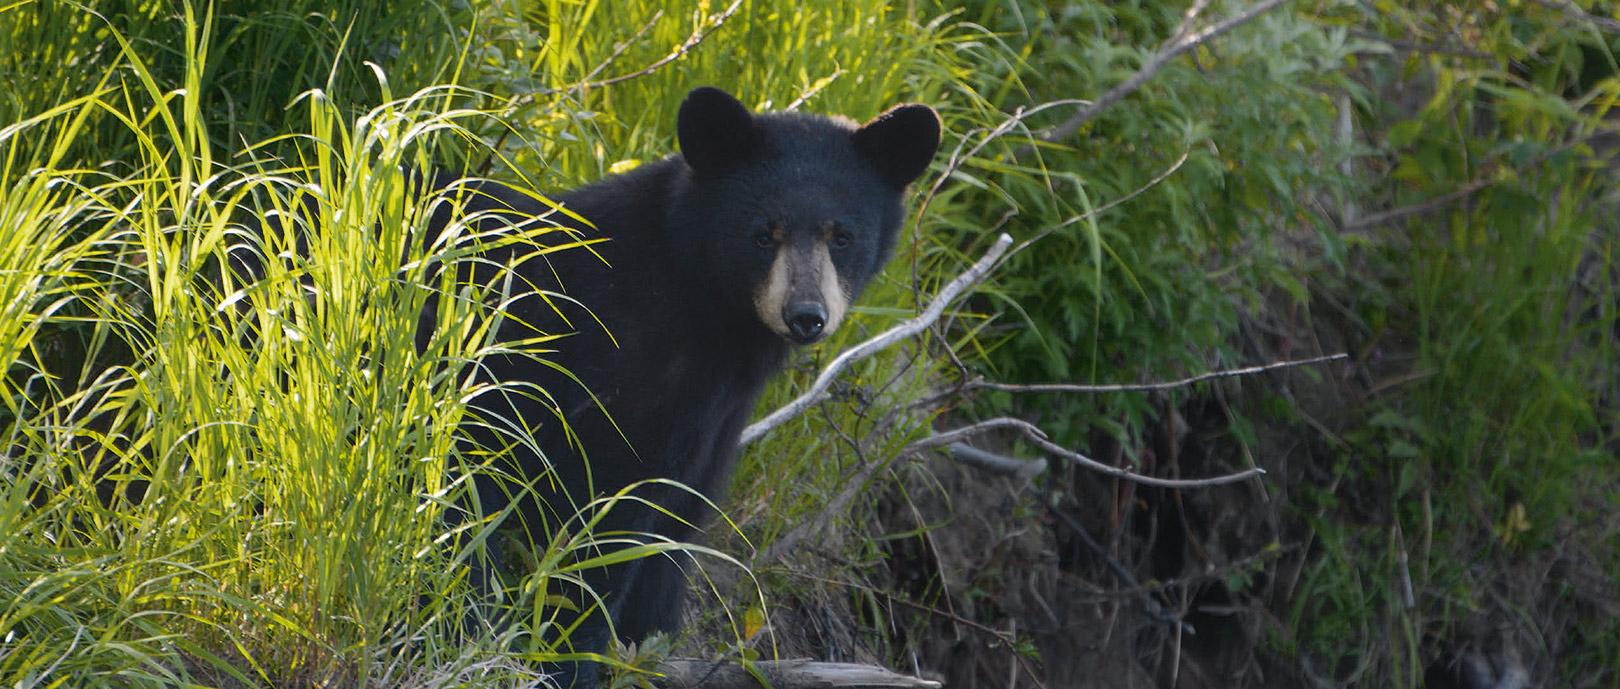 Et møde med Alaskas vilde natur er så meget mere end bare fiskeri. Ofte er vi de første, der floater elven i sæsonen, hvilket er en helt speciel oplevelse. Hvad venter rundt om hjørnet? – en lækker drømme-pool fyldt med fisk, en elg eller måske en bjørn…